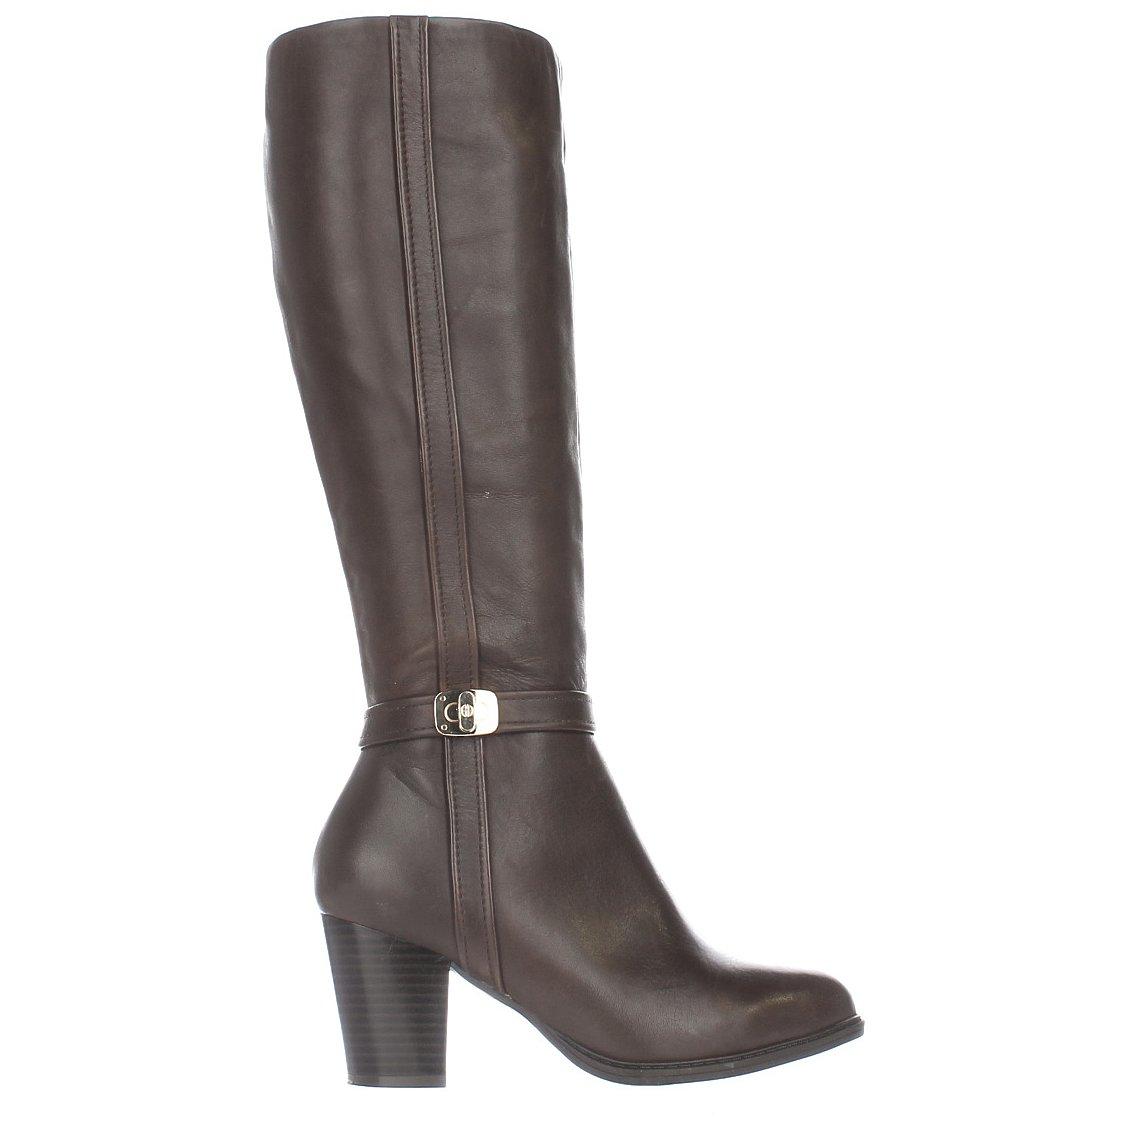 Giani Bernini Frauen Frauen Frauen Raiven Geschlossener Zeh Leder Fashion Stiefel 399155